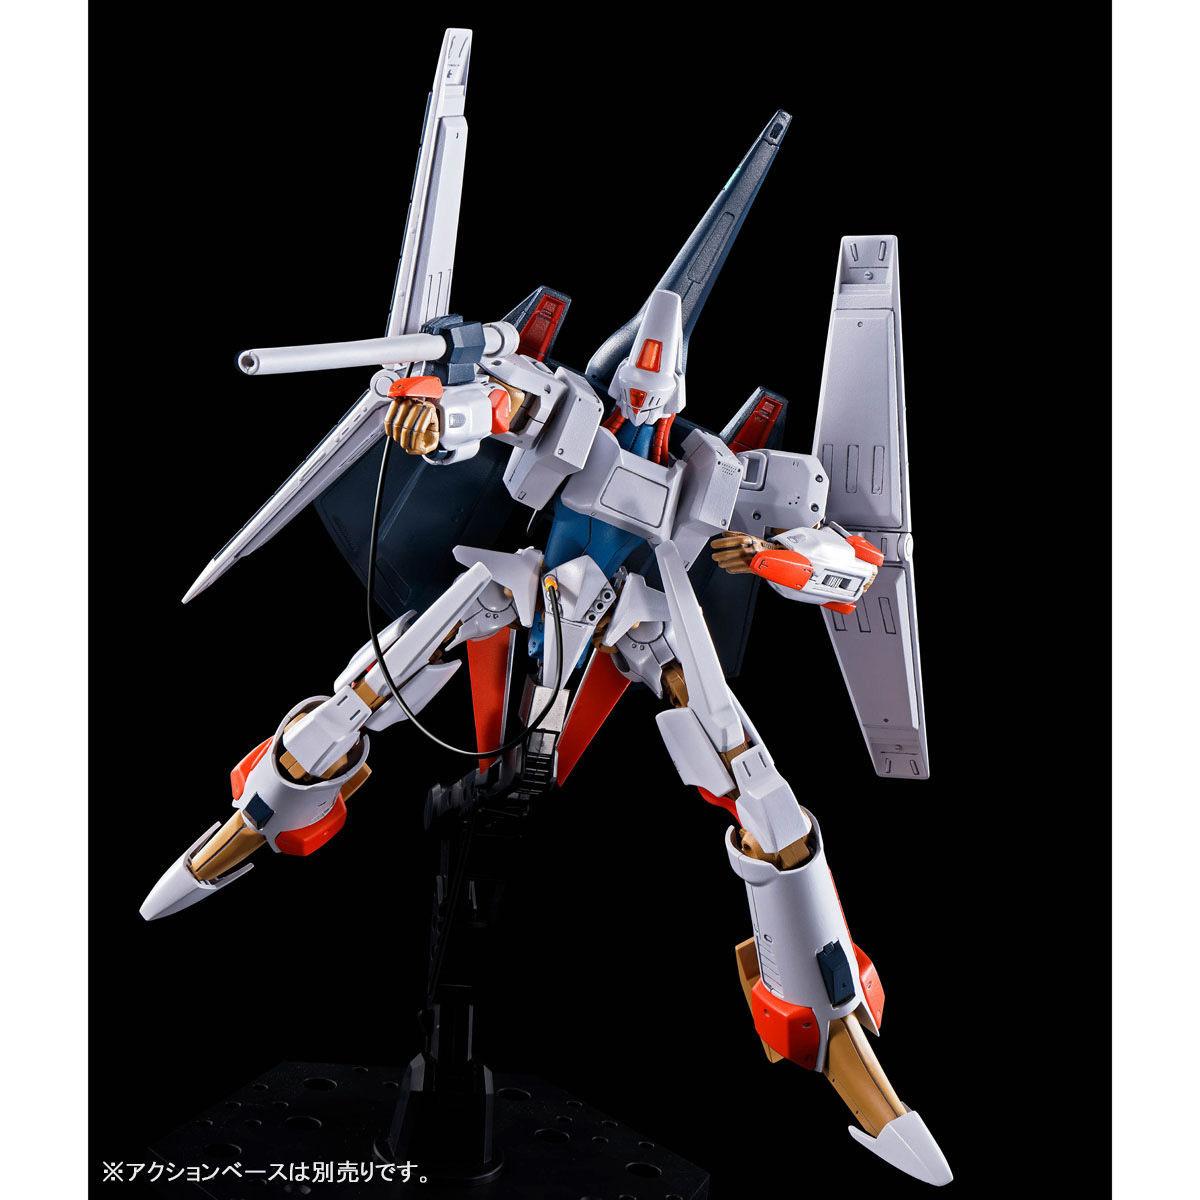 【限定販売】HG 1/144『エルガイムMk-II』重戦機エルガイム プラモデル-004